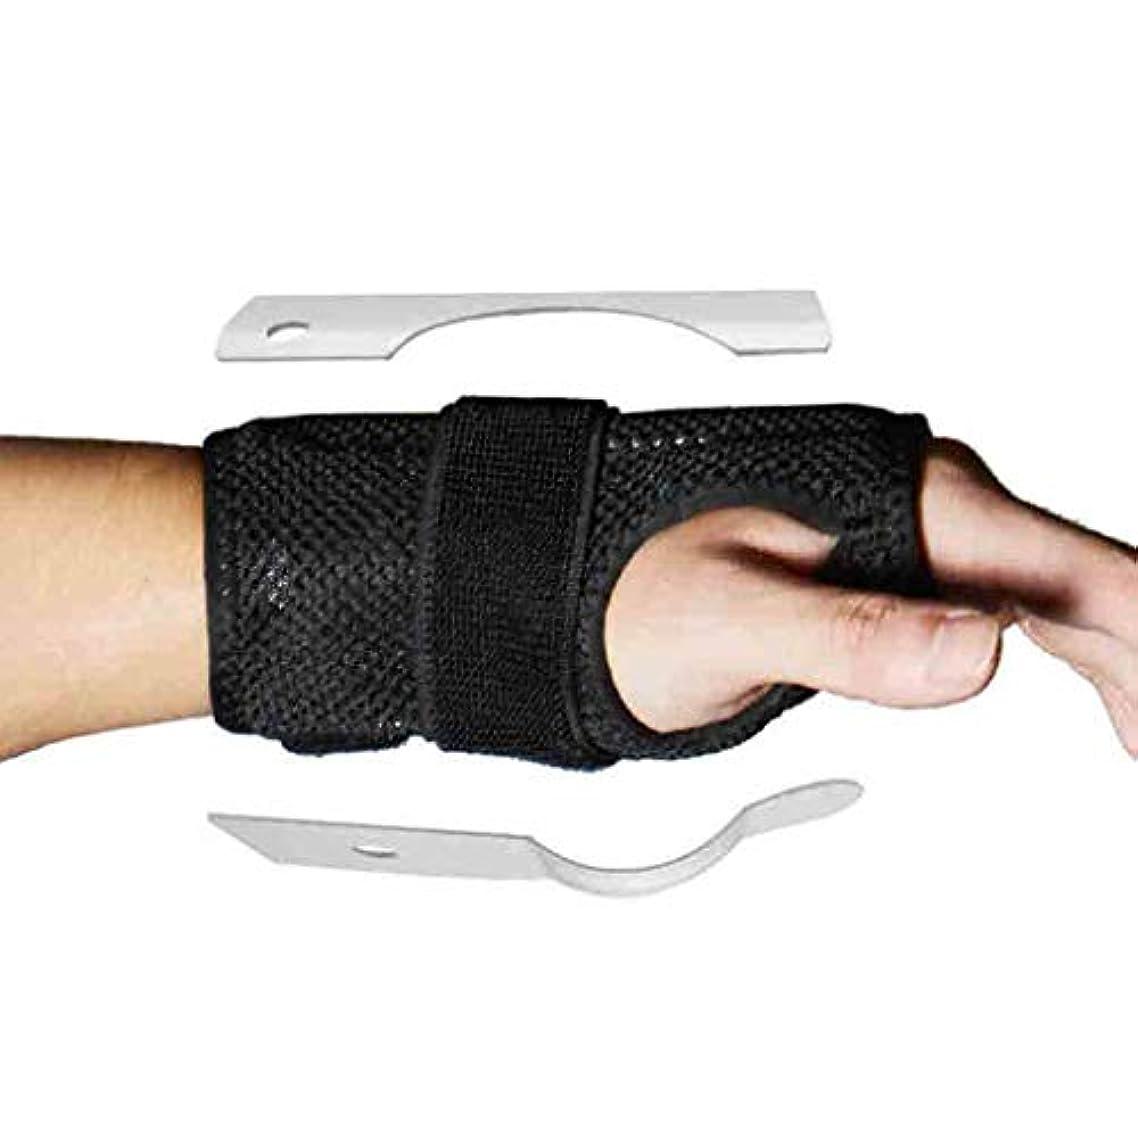 の前でうがい薬複雑でないトリガーのための親指のスプリント親指の通気性のファブリック手首の親指腱鞘炎脳手根管症候群のためのリストバンドスプリントママの親指ブレース関節炎 Roscloud@